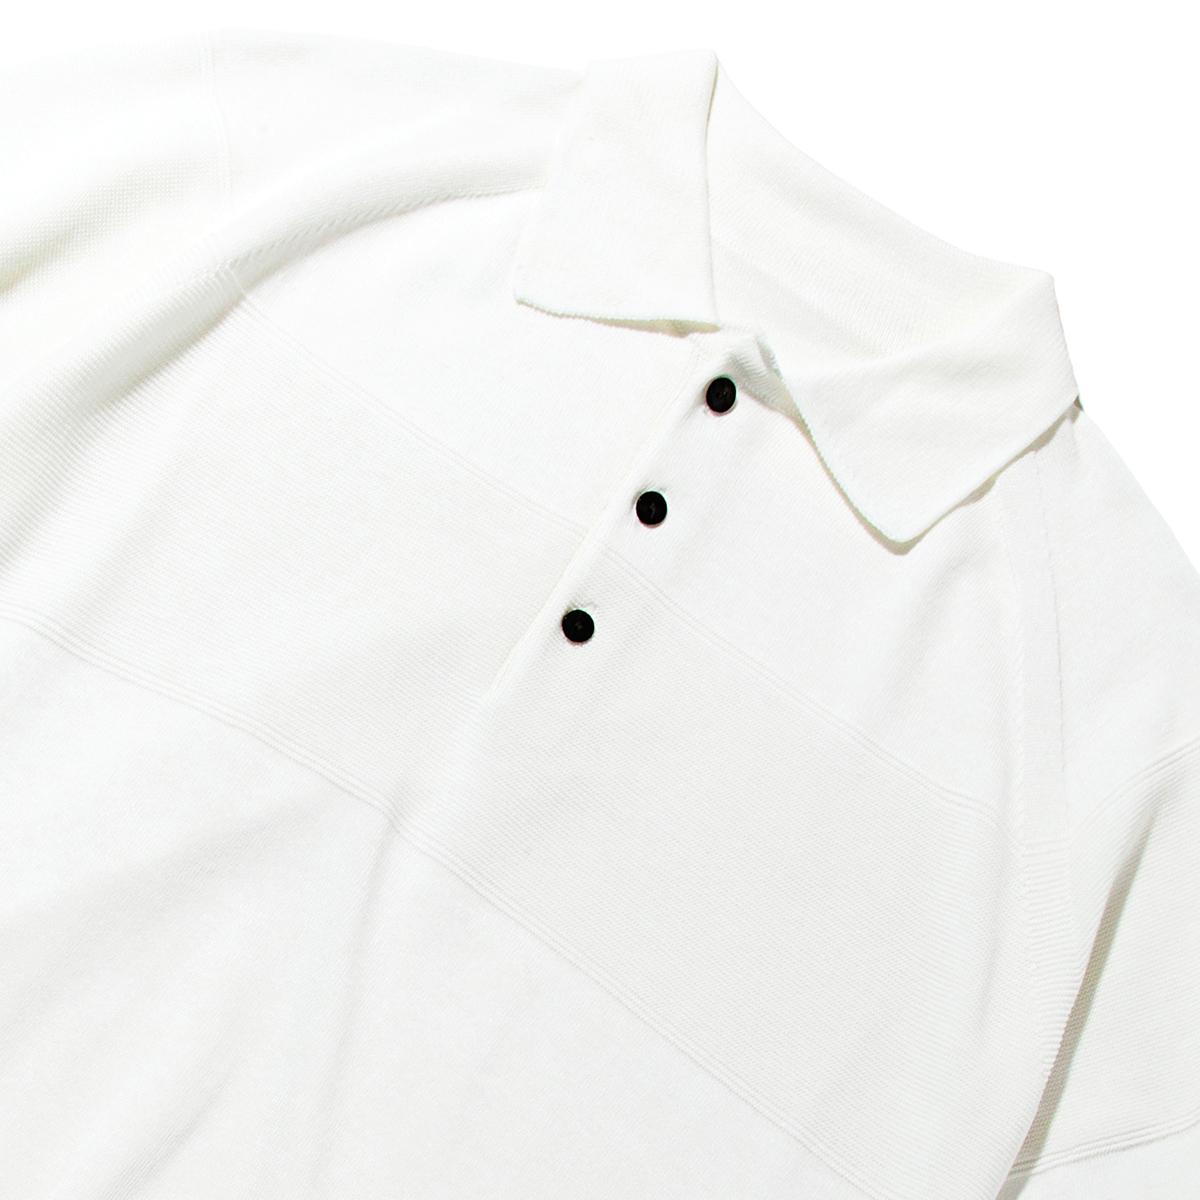 耐久性もある。汗をかいたら、ジャブジャブ手洗いできる。汗でベタつかない、匂わない、綿より軽い!三拍子揃った「ニットポロシャツ」|伊予和紙ポロシャツ